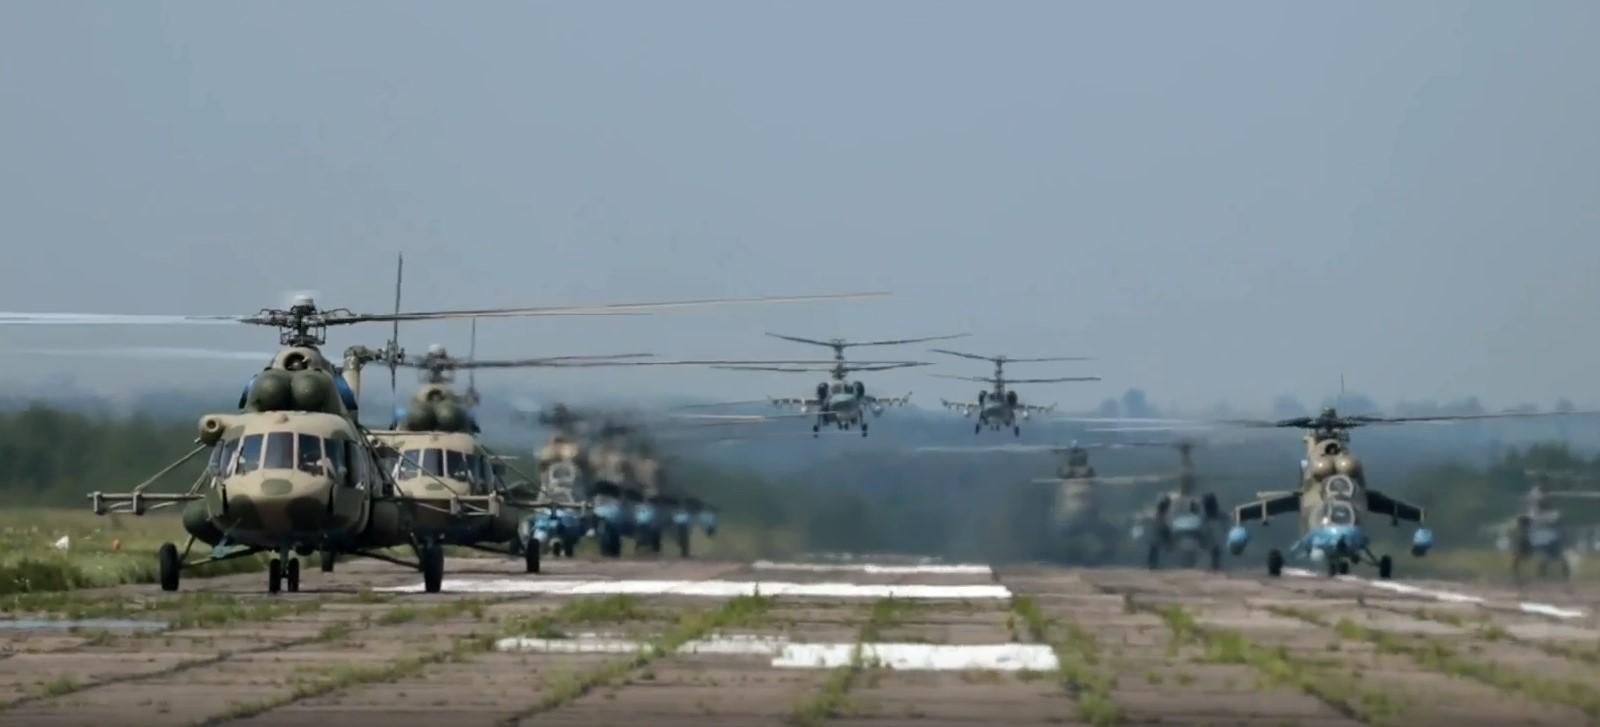 В небе над Тверской областью прошла заключительная часть репетиции Парада Победы